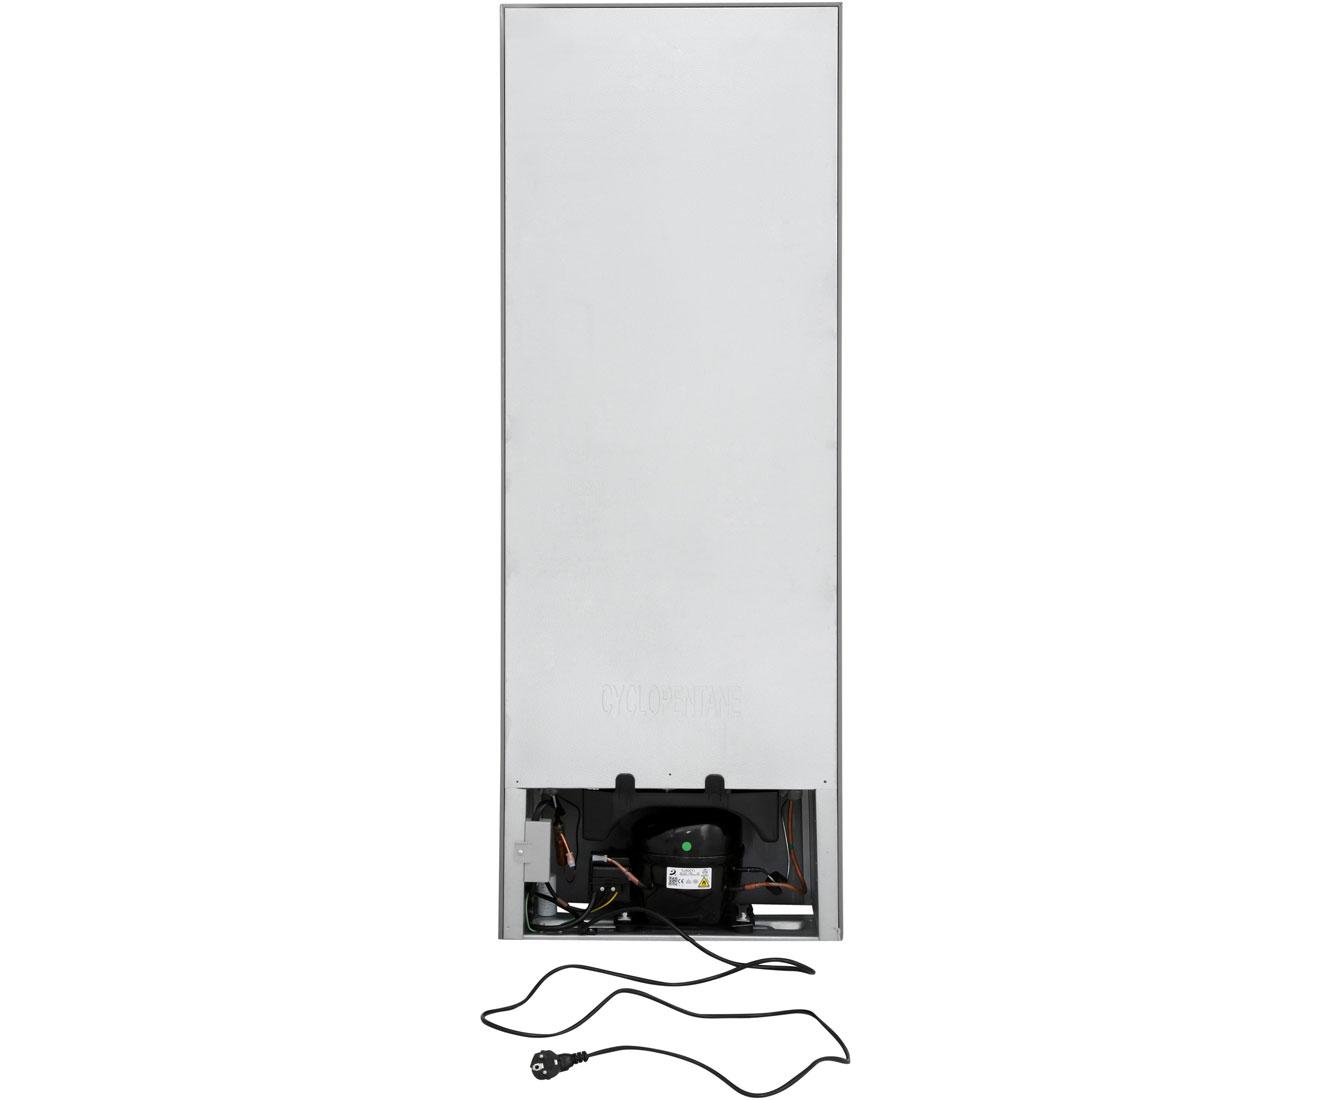 Bomann Kühlschrank Kombi : Bomann kg kühl gefrierkombination edelstahl optik a